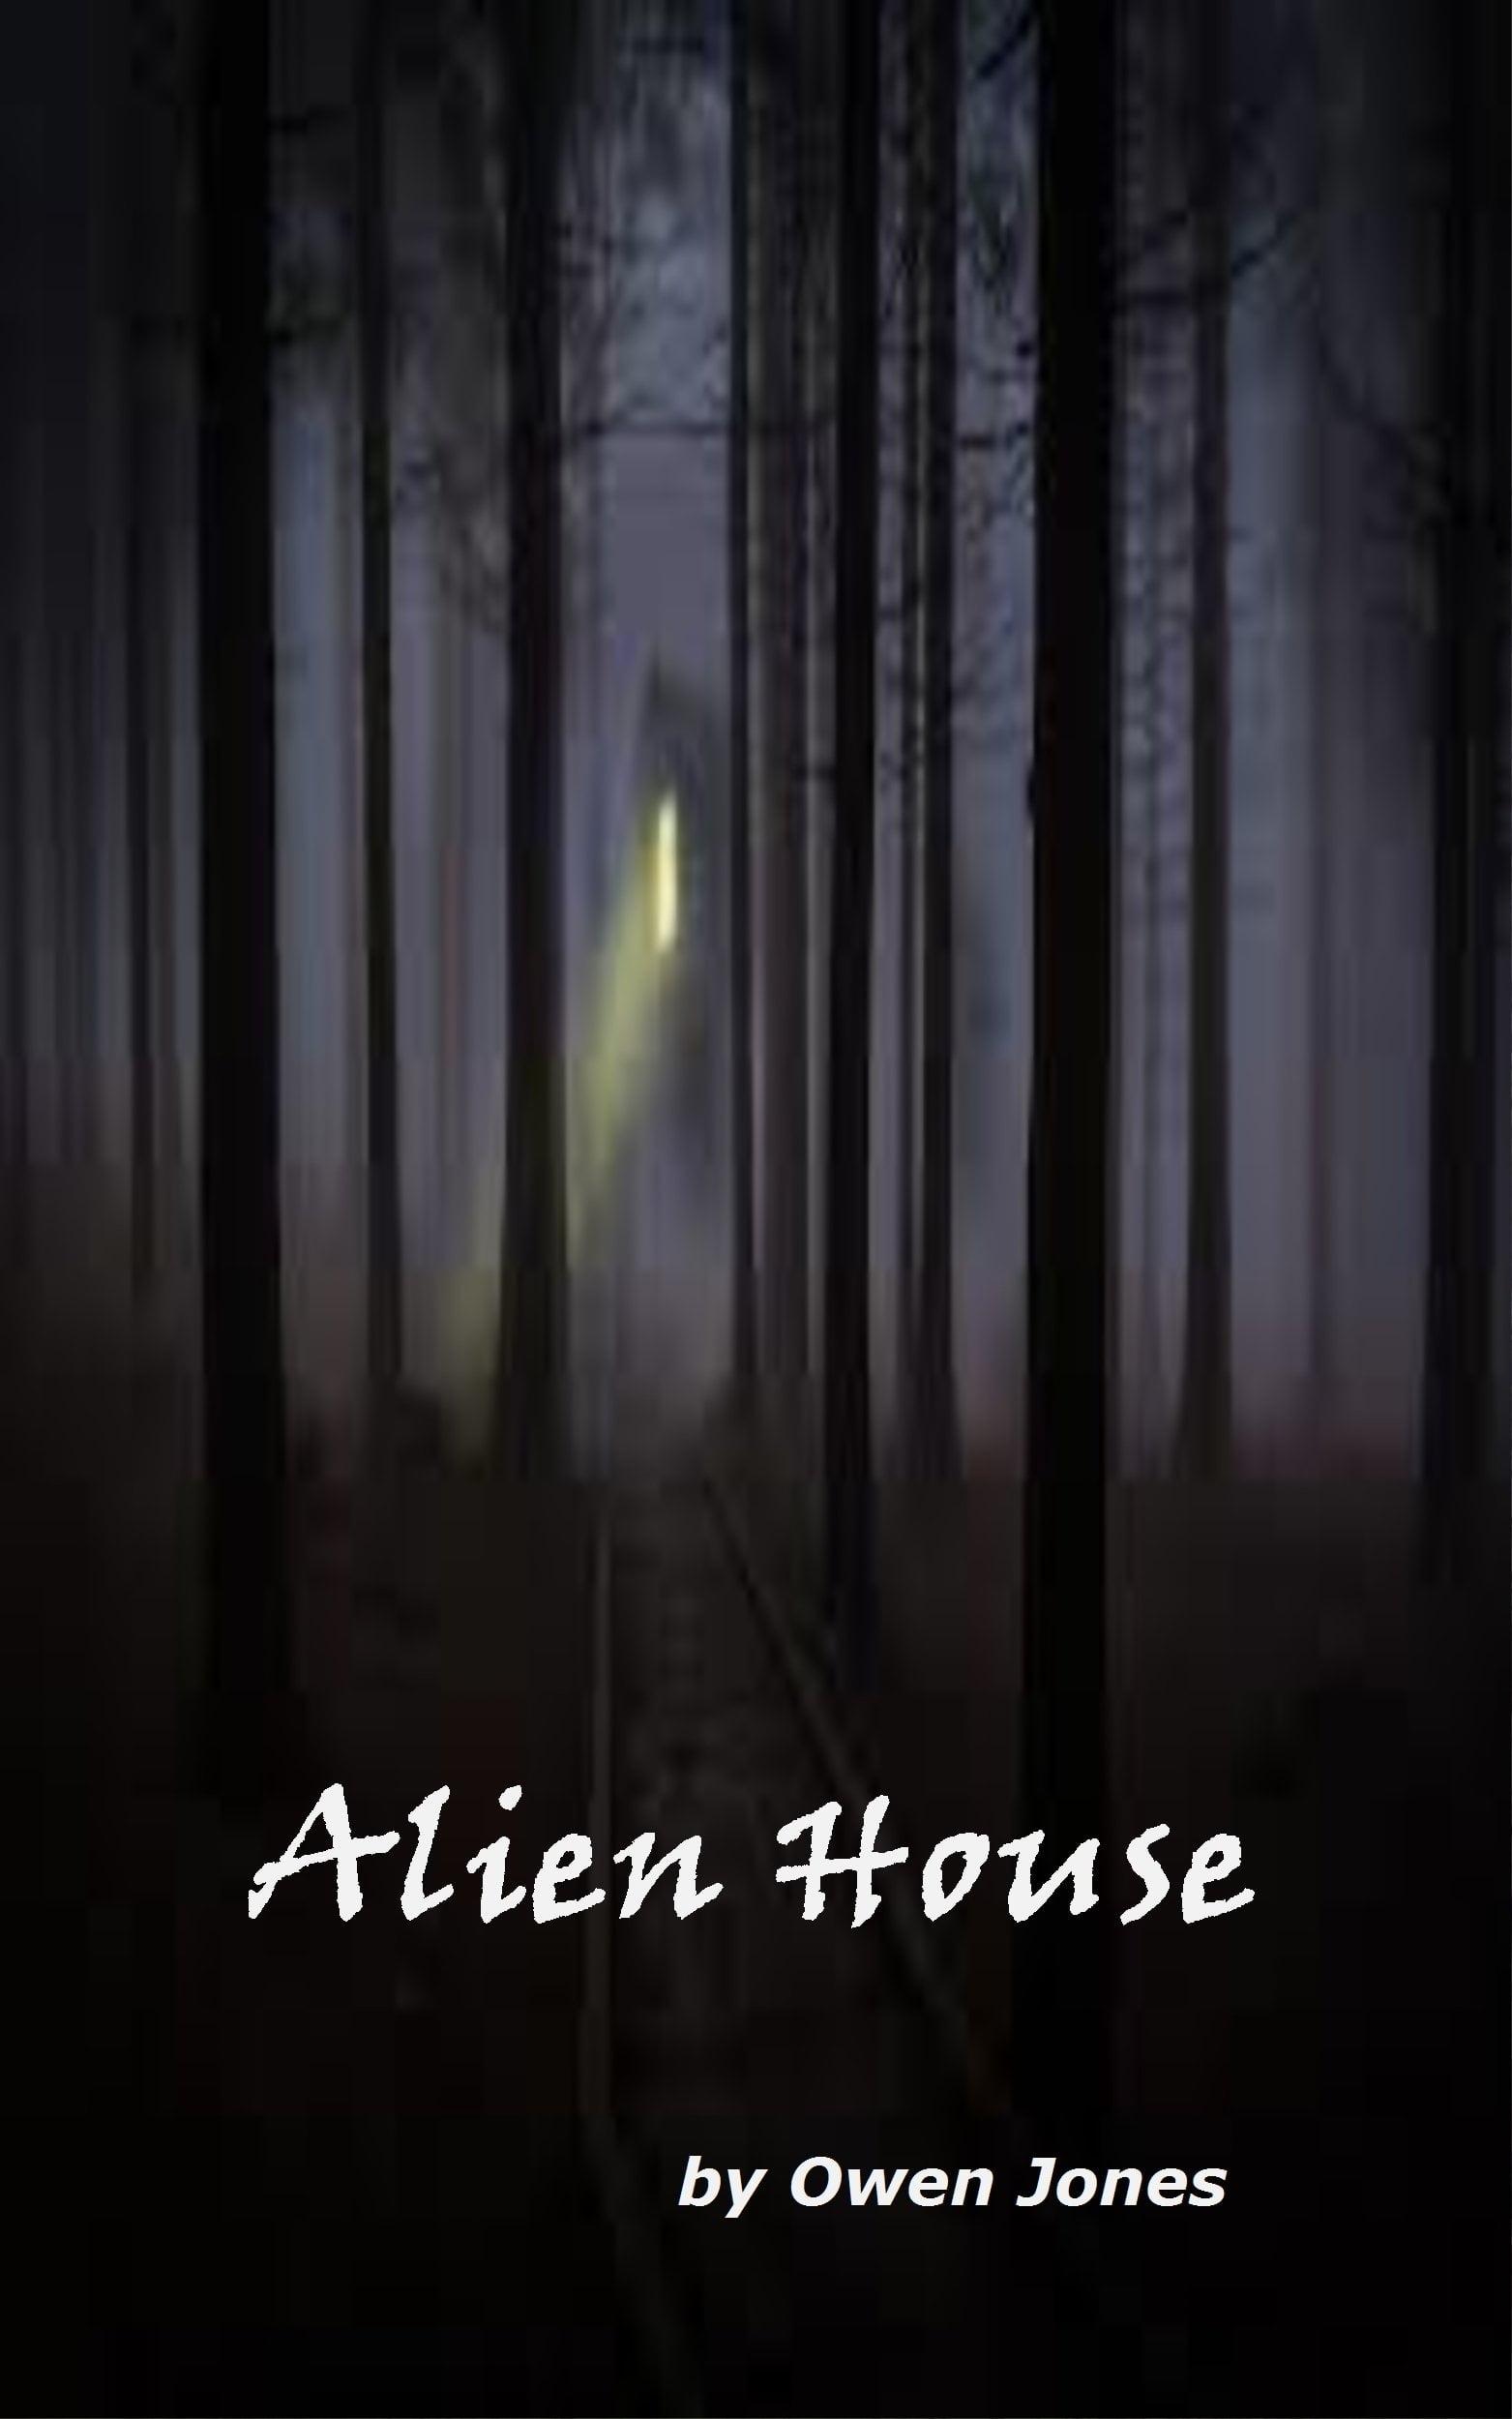 The Alien House